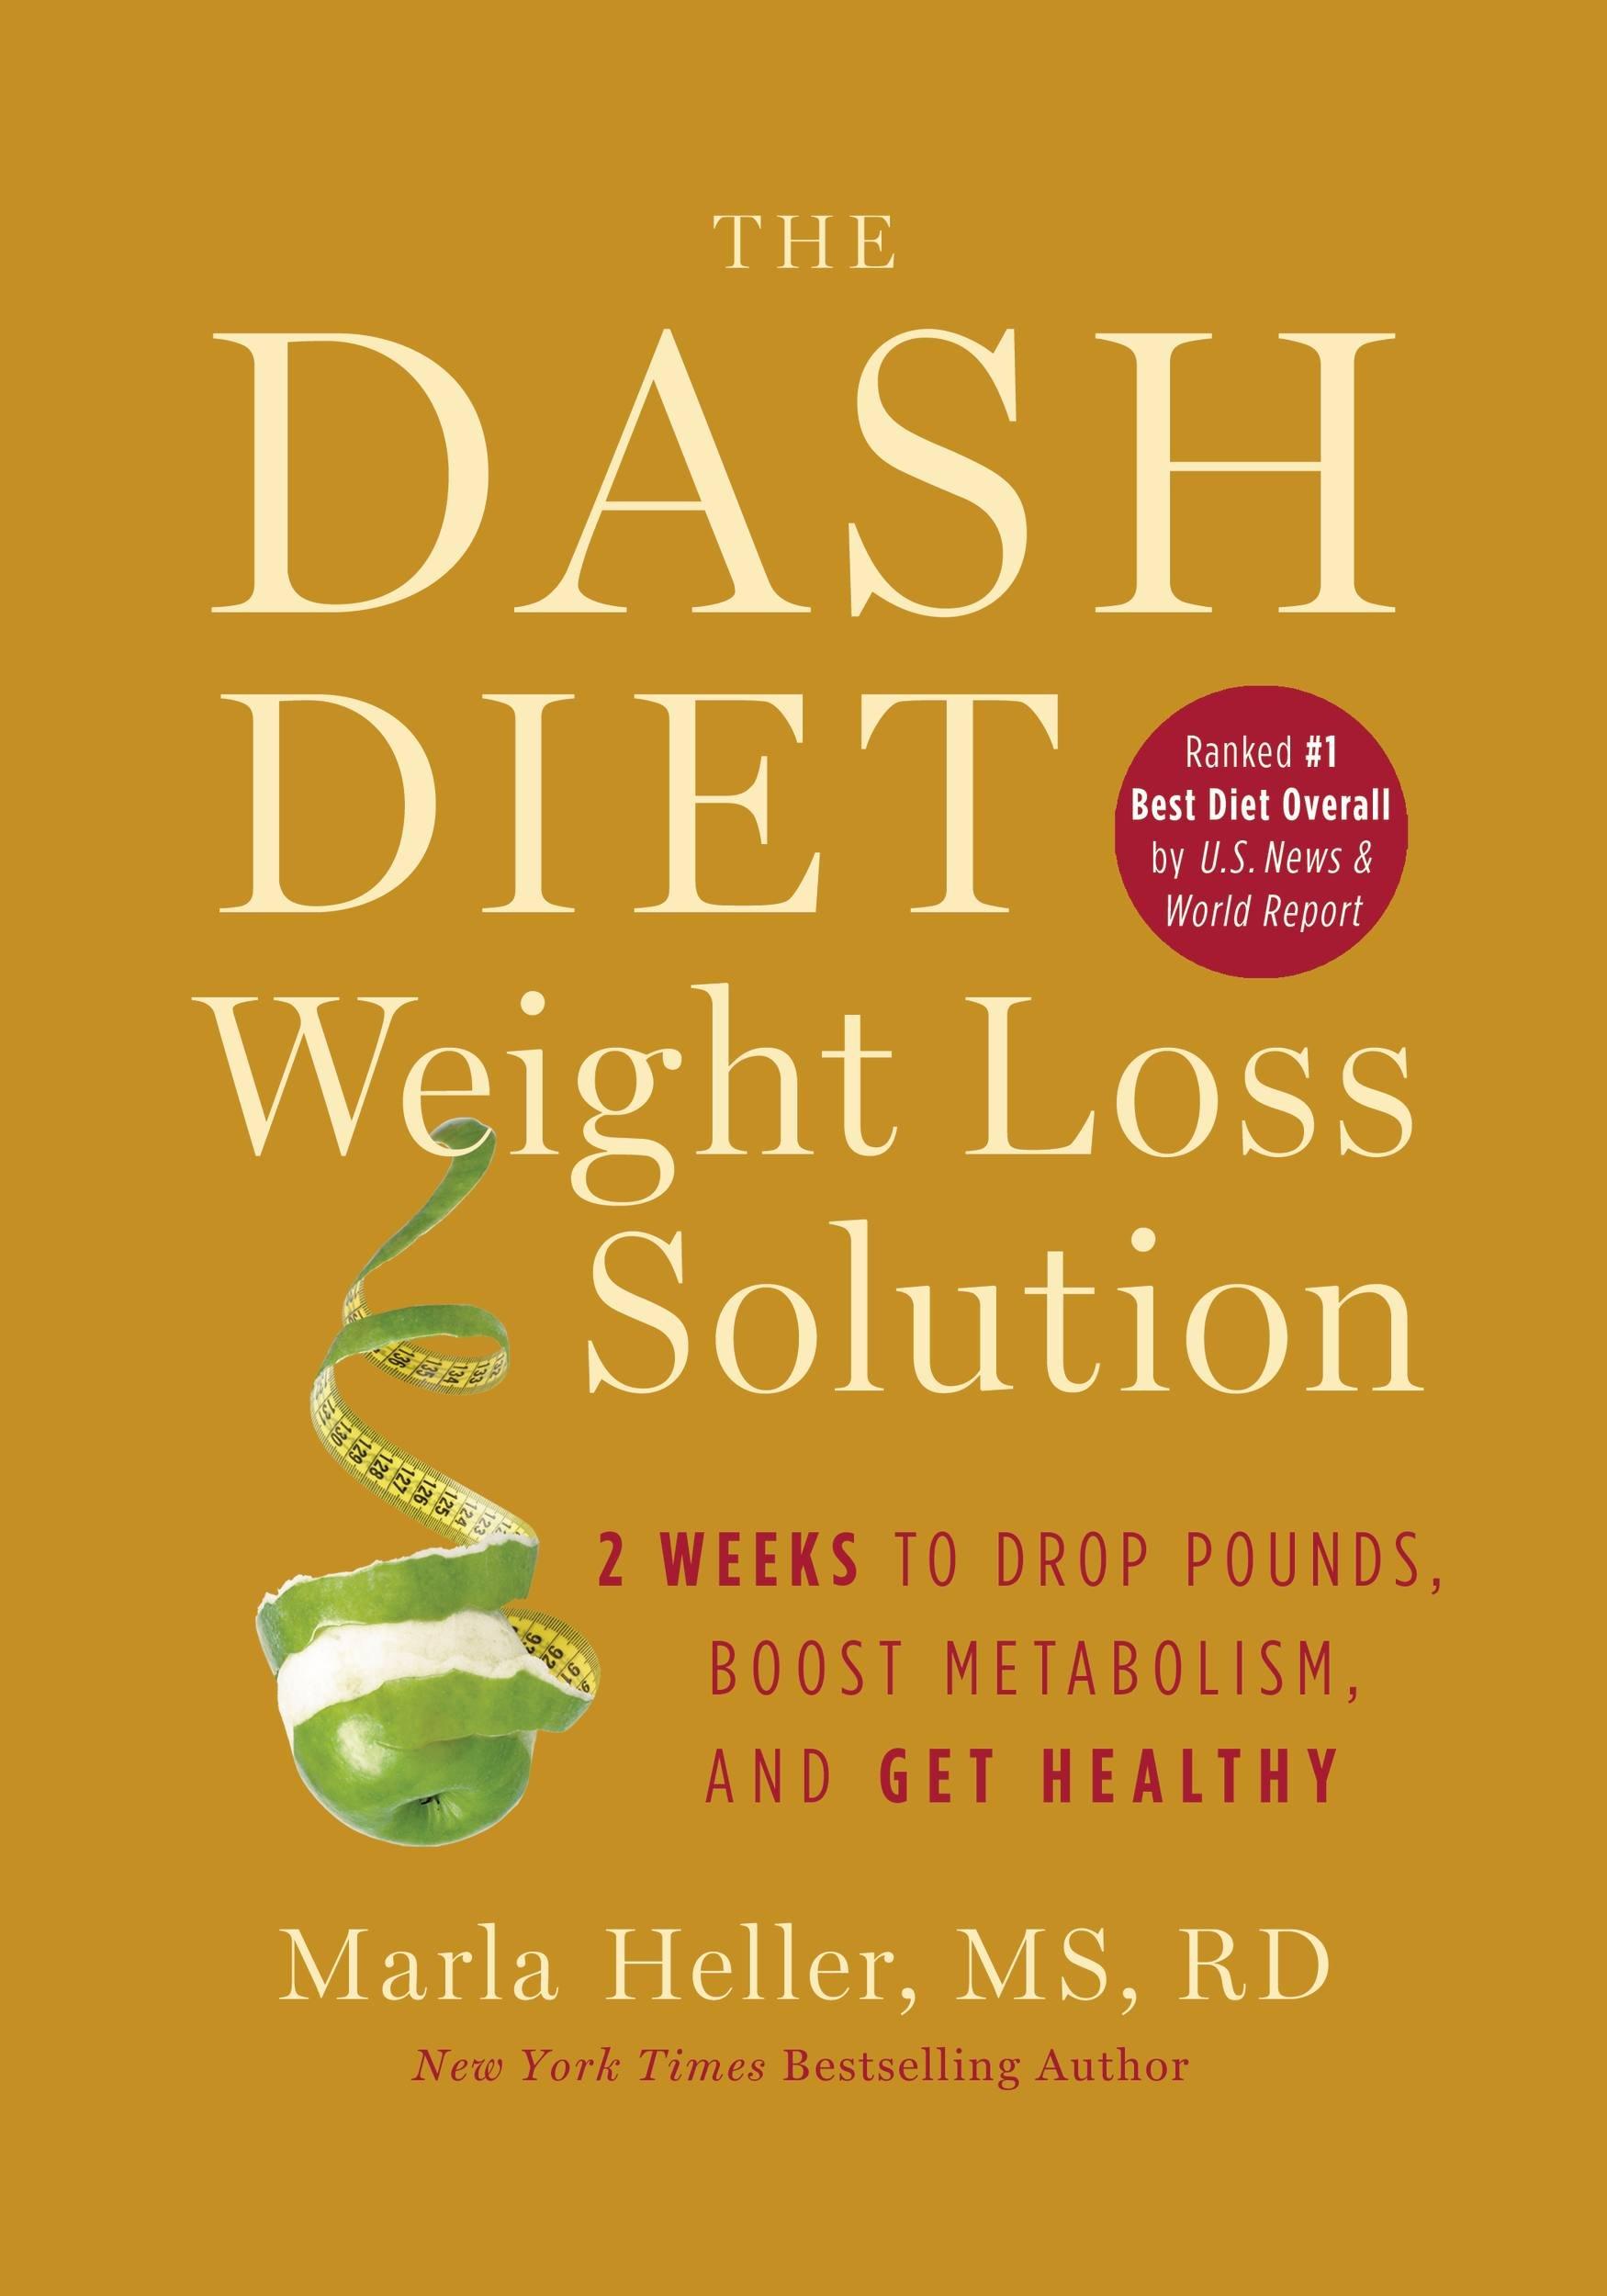 Hvordan å miste vekt ved å øke en langsom metabolisme